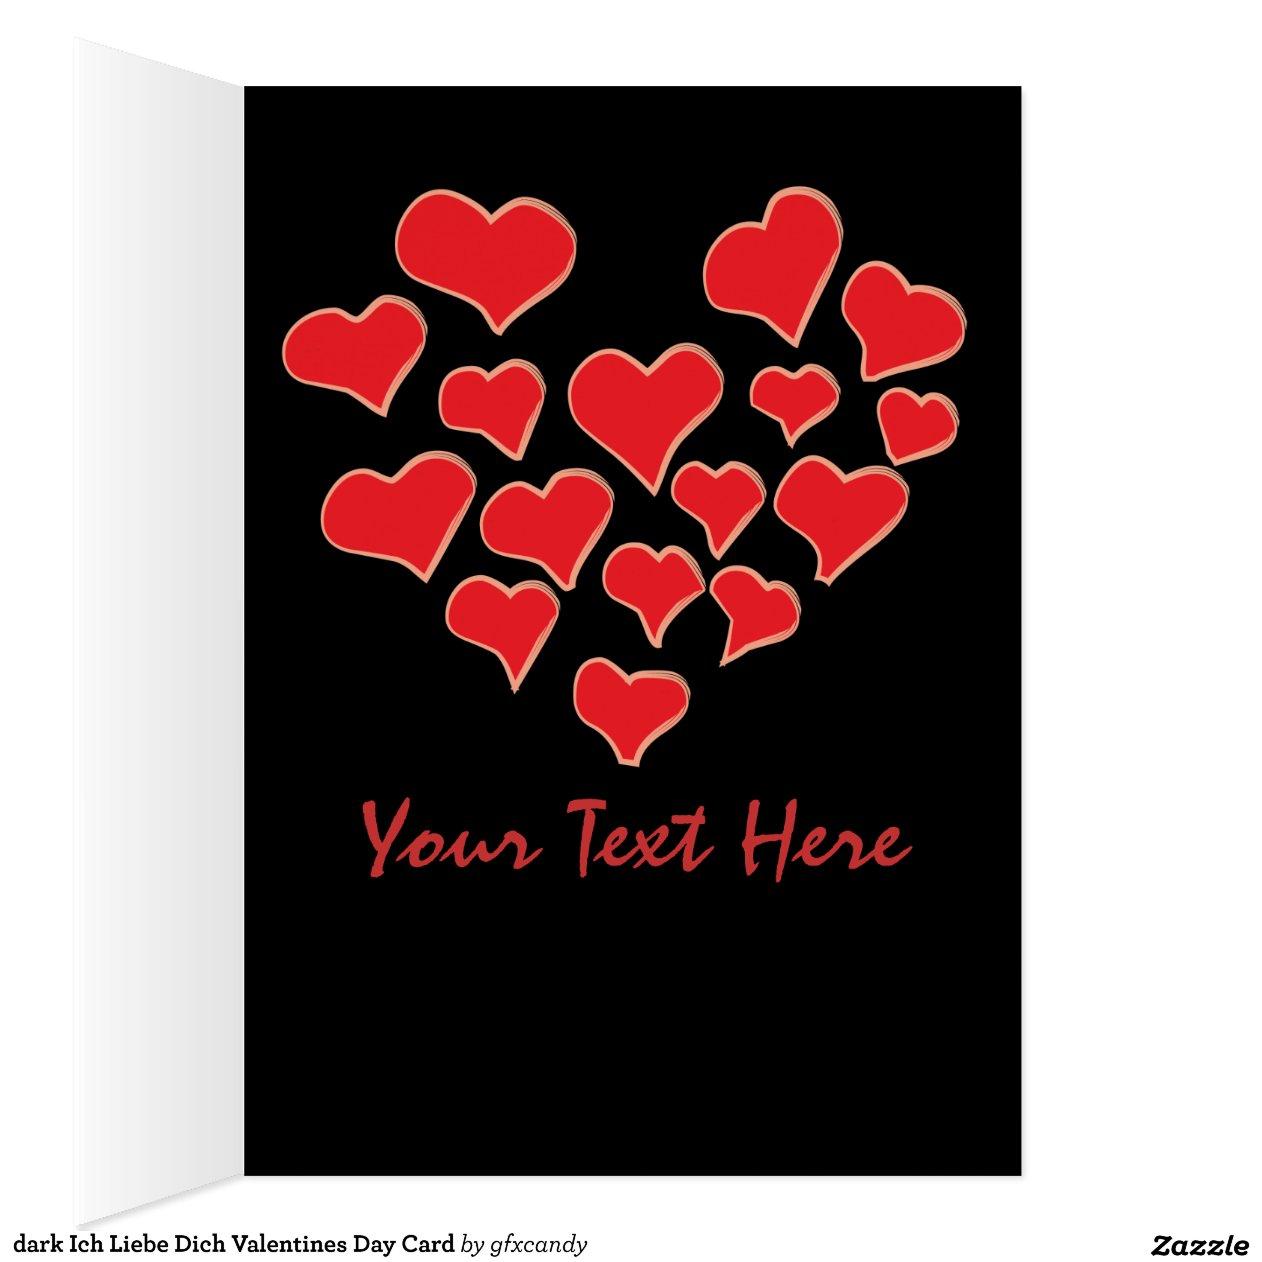 dunkle ich liebe dich valentinstag karte mitteilungskarte zazzle. Black Bedroom Furniture Sets. Home Design Ideas